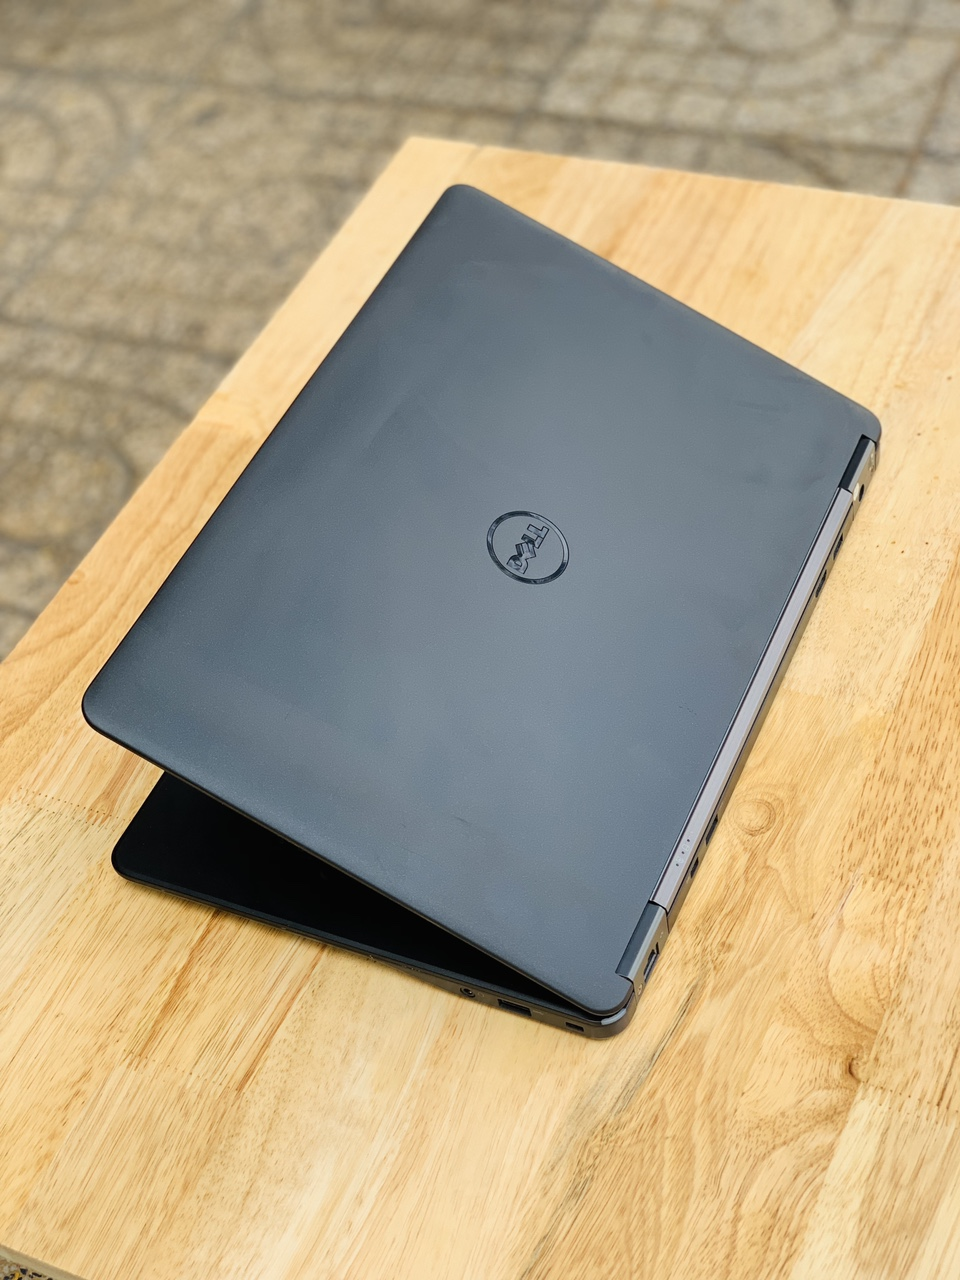 1 Dell latitude E7250 core i7-5600u, ram 4G, ssd 128GB, màn hình cảm ứng full hd